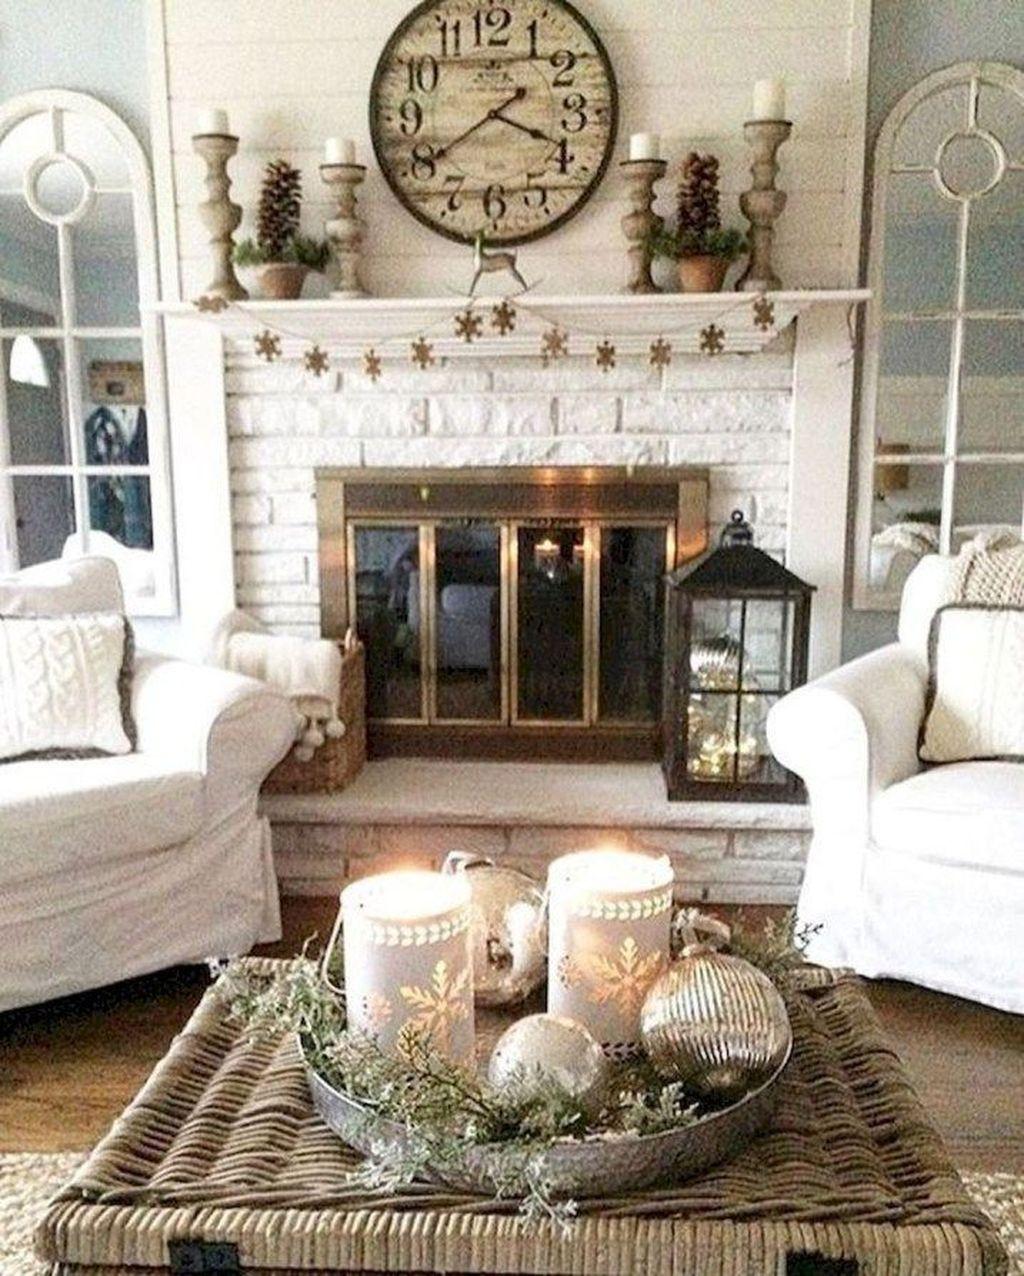 Inspiring Fall Living Room Decor Ideas On A Budget 28